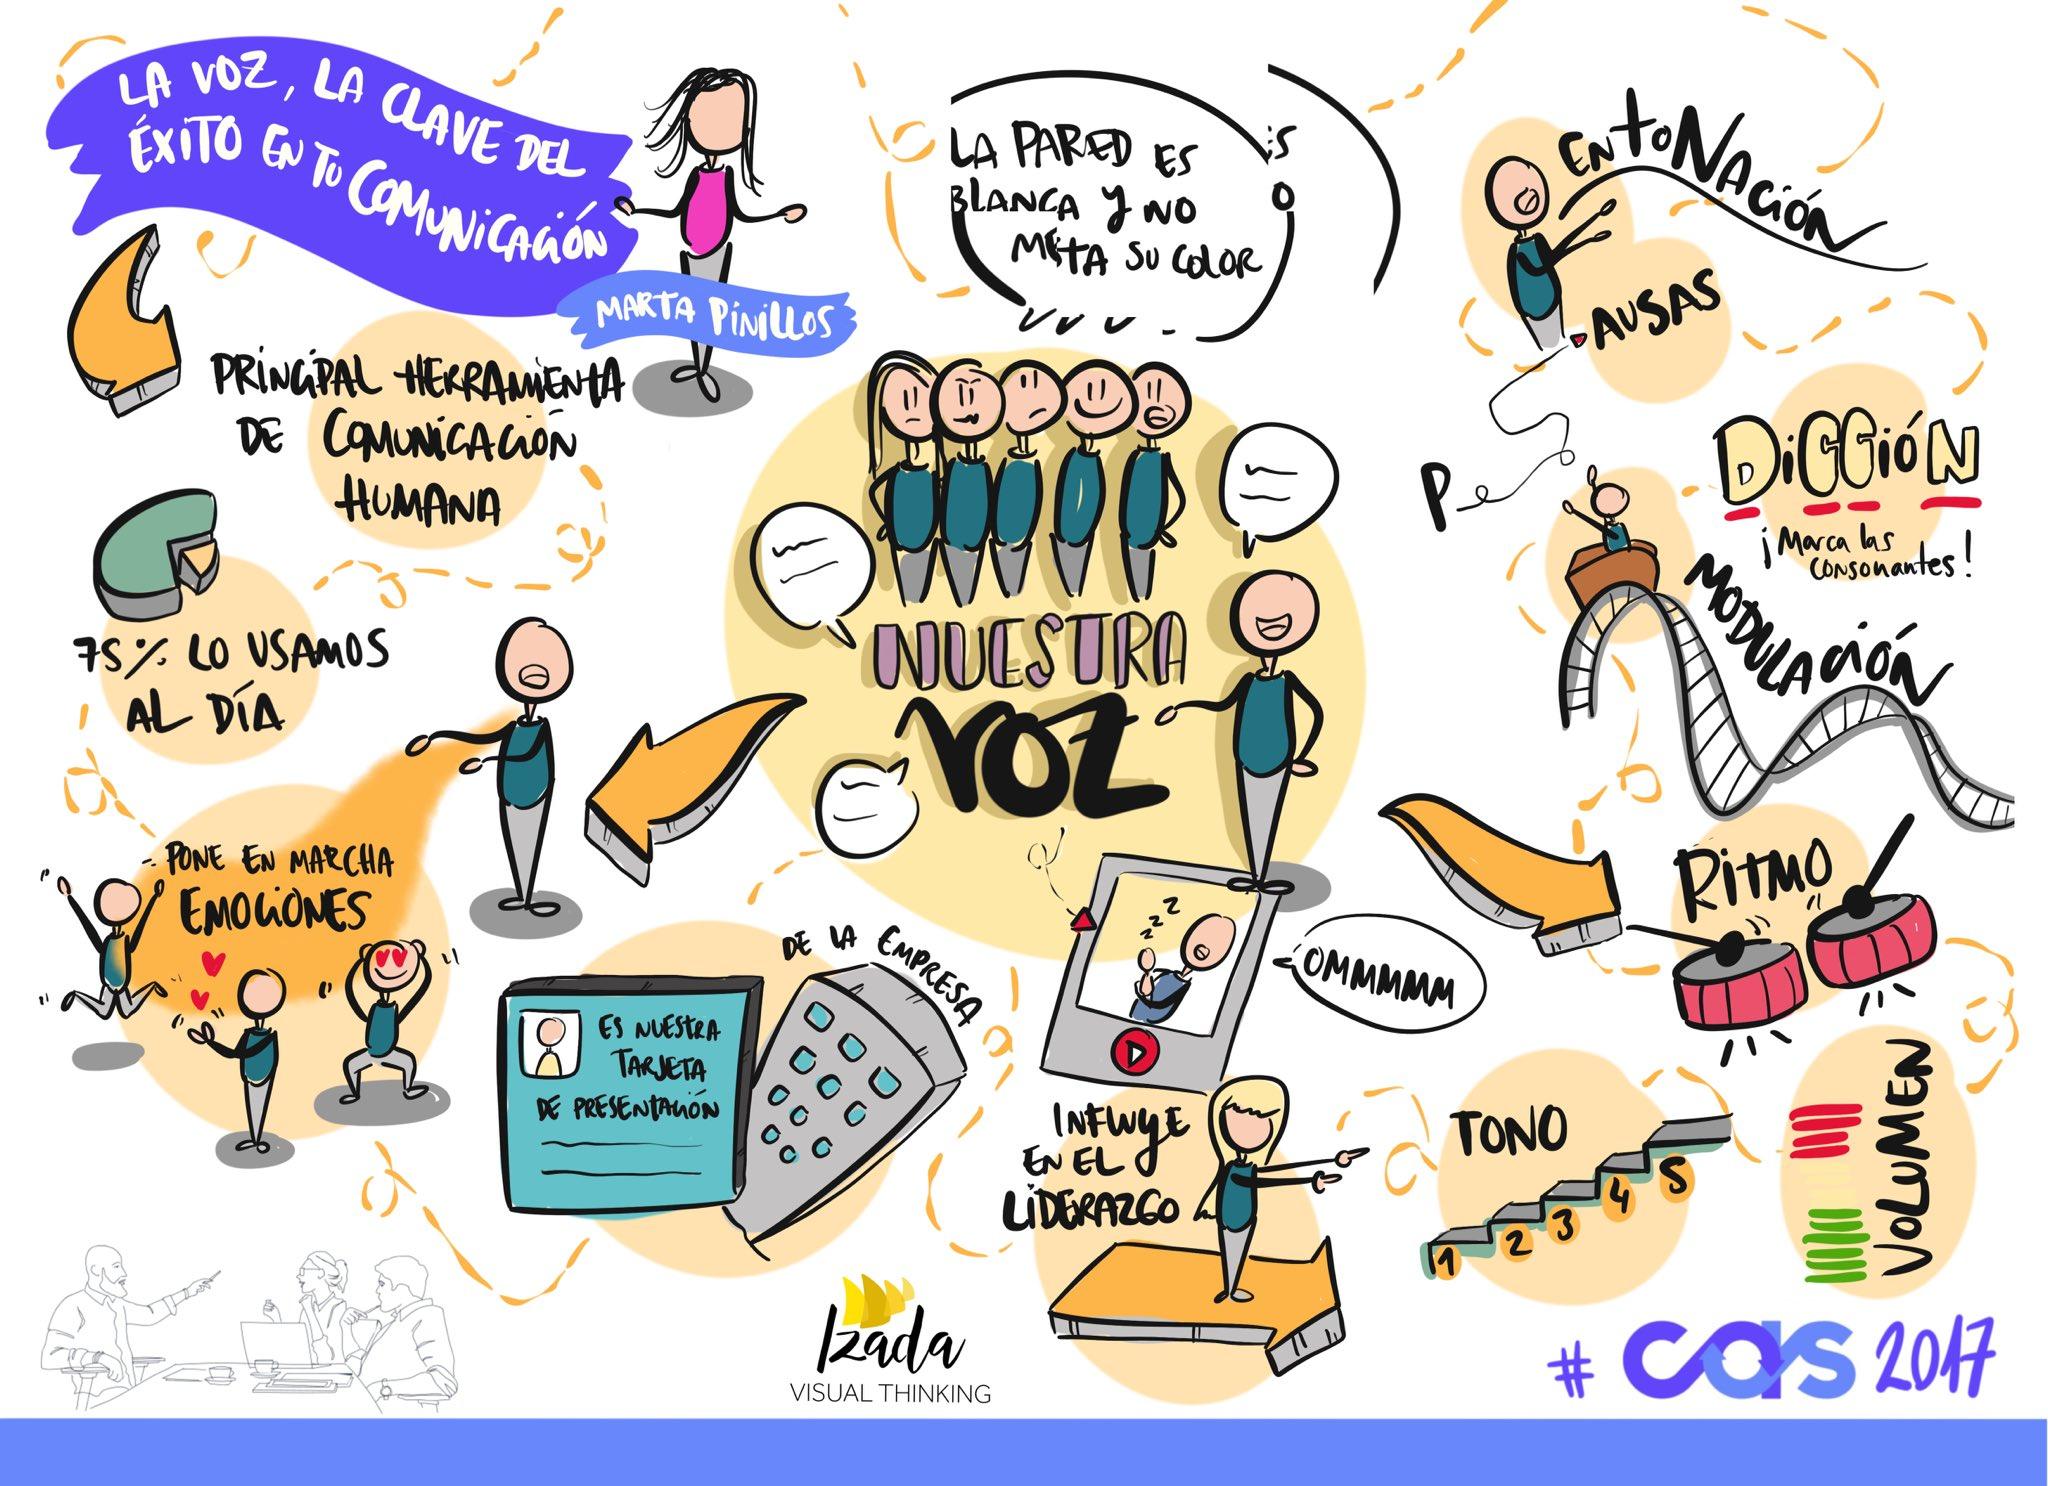 La voz como clave de la comunicación - CAS 2017